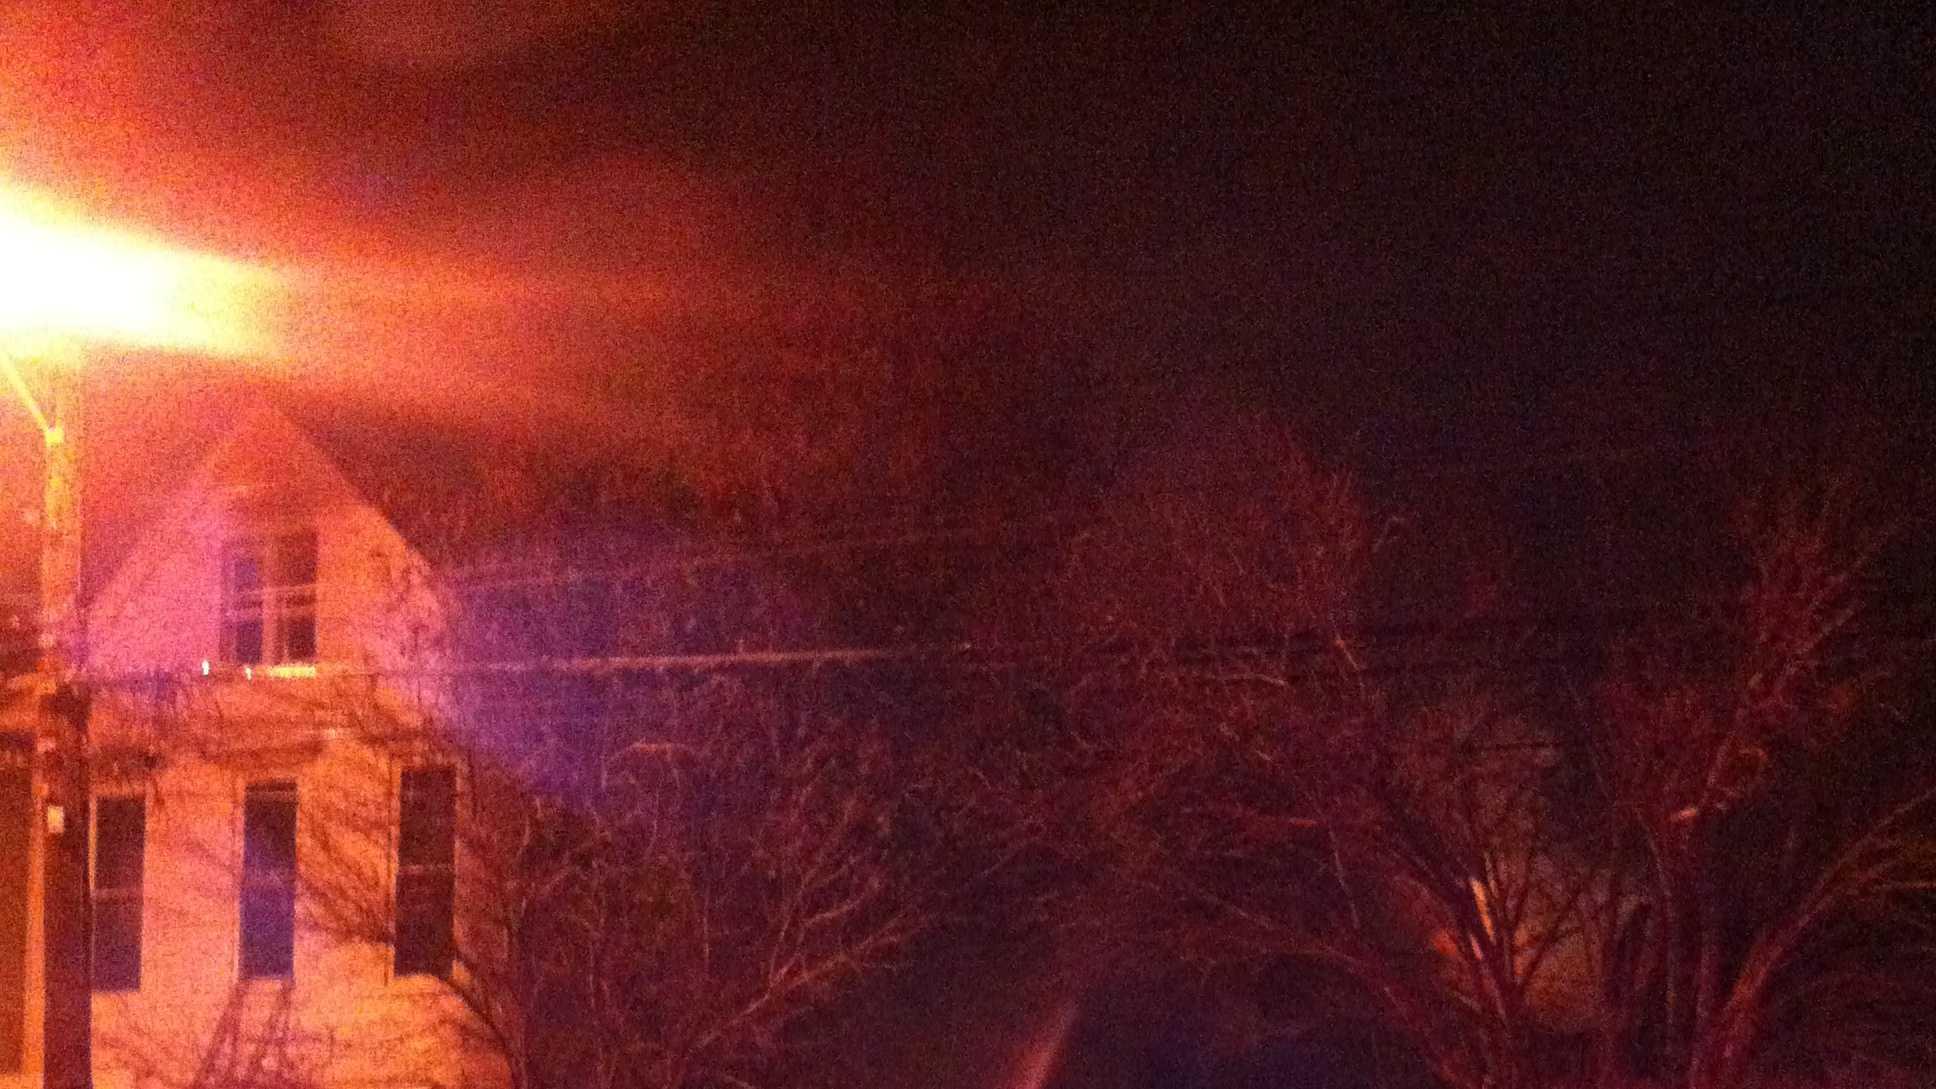 Baxter Ave. fire